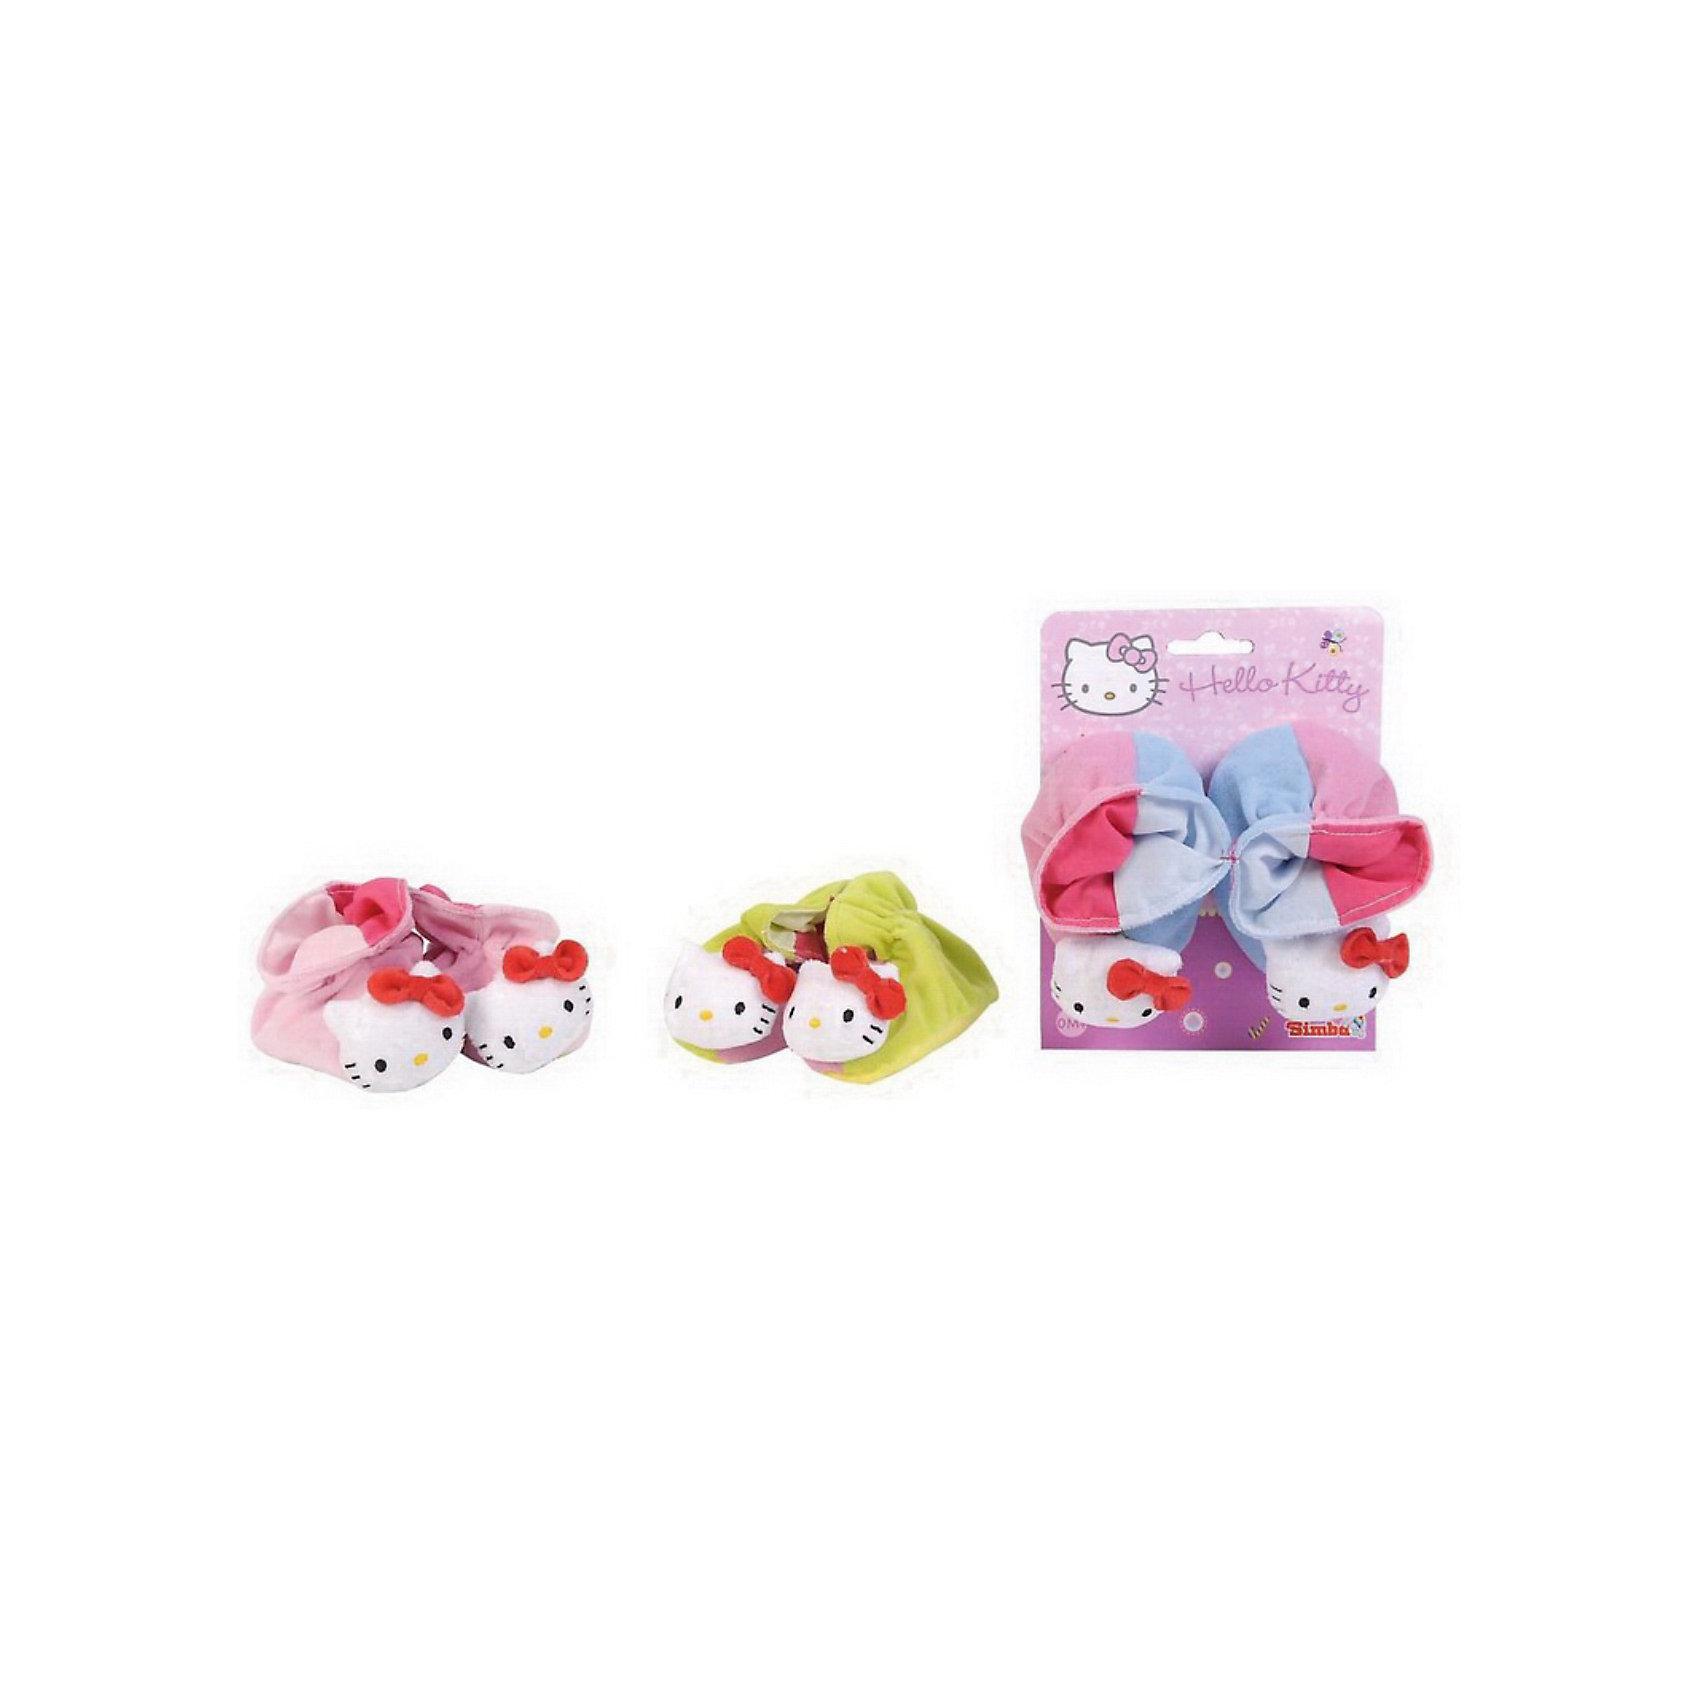 Hello Kitty Тапочки-погремушки, размер 13 см, от 0-го месяцаЗабавные разноцветные тапочки-погремушки из серии  Hello Kitty (Хелло Китти) привлекут внимание вашего малыша. Передняя часть тапочек украшена мордочкой кошечки  Hello Kitty (Хелло Китти), внутри вшита погремушка. Тапочки сшиты из мягкой, приятной на ощупь и гипоаллергенной ткани.<br><br>Дополнительная информация:<br>- Размер тапочек: 13 см.<br>- Размер упаковки: 15х6х20 см.<br><br>Купить  Тапочки-погремушки из серии  Hello Kitty  можно в нашем магазине.<br><br>Ширина мм: 150<br>Глубина мм: 70<br>Высота мм: 200<br>Вес г: 57<br>Возраст от месяцев: 0<br>Возраст до месяцев: 12<br>Пол: Женский<br>Возраст: Детский<br>SKU: 3246443